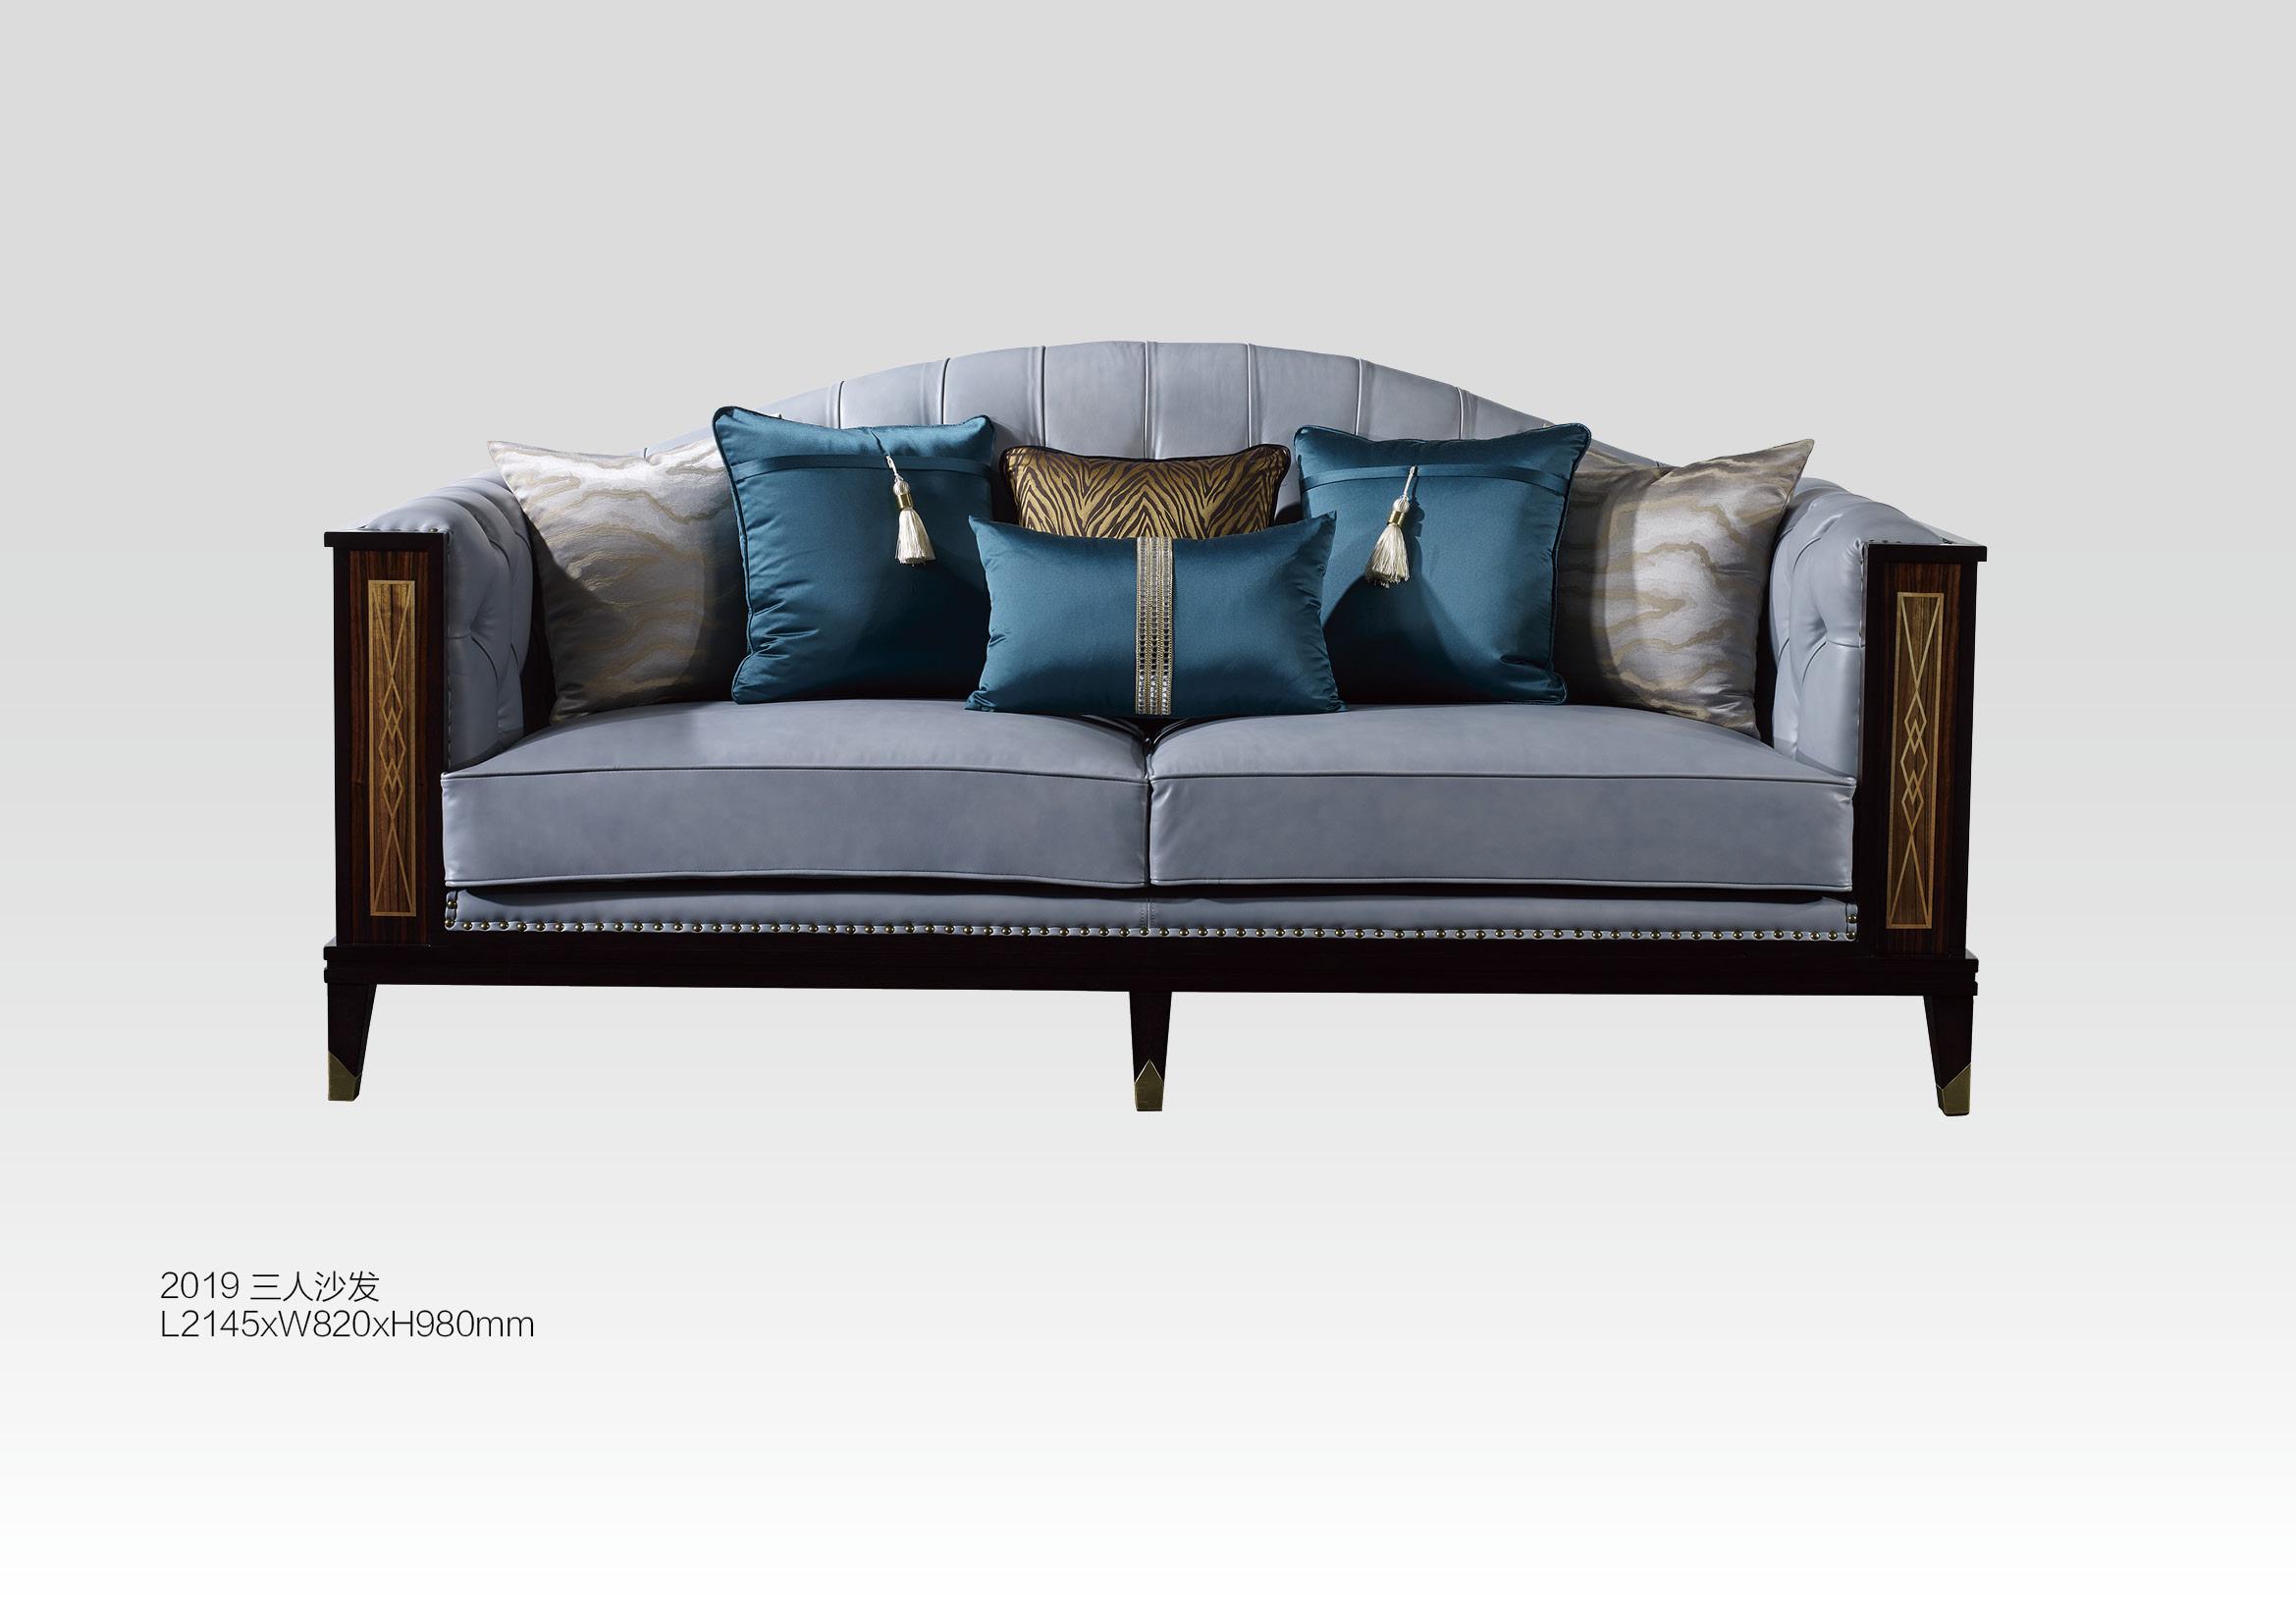 美式乡村客厅组合三人沙发布艺单人 双人现代家具